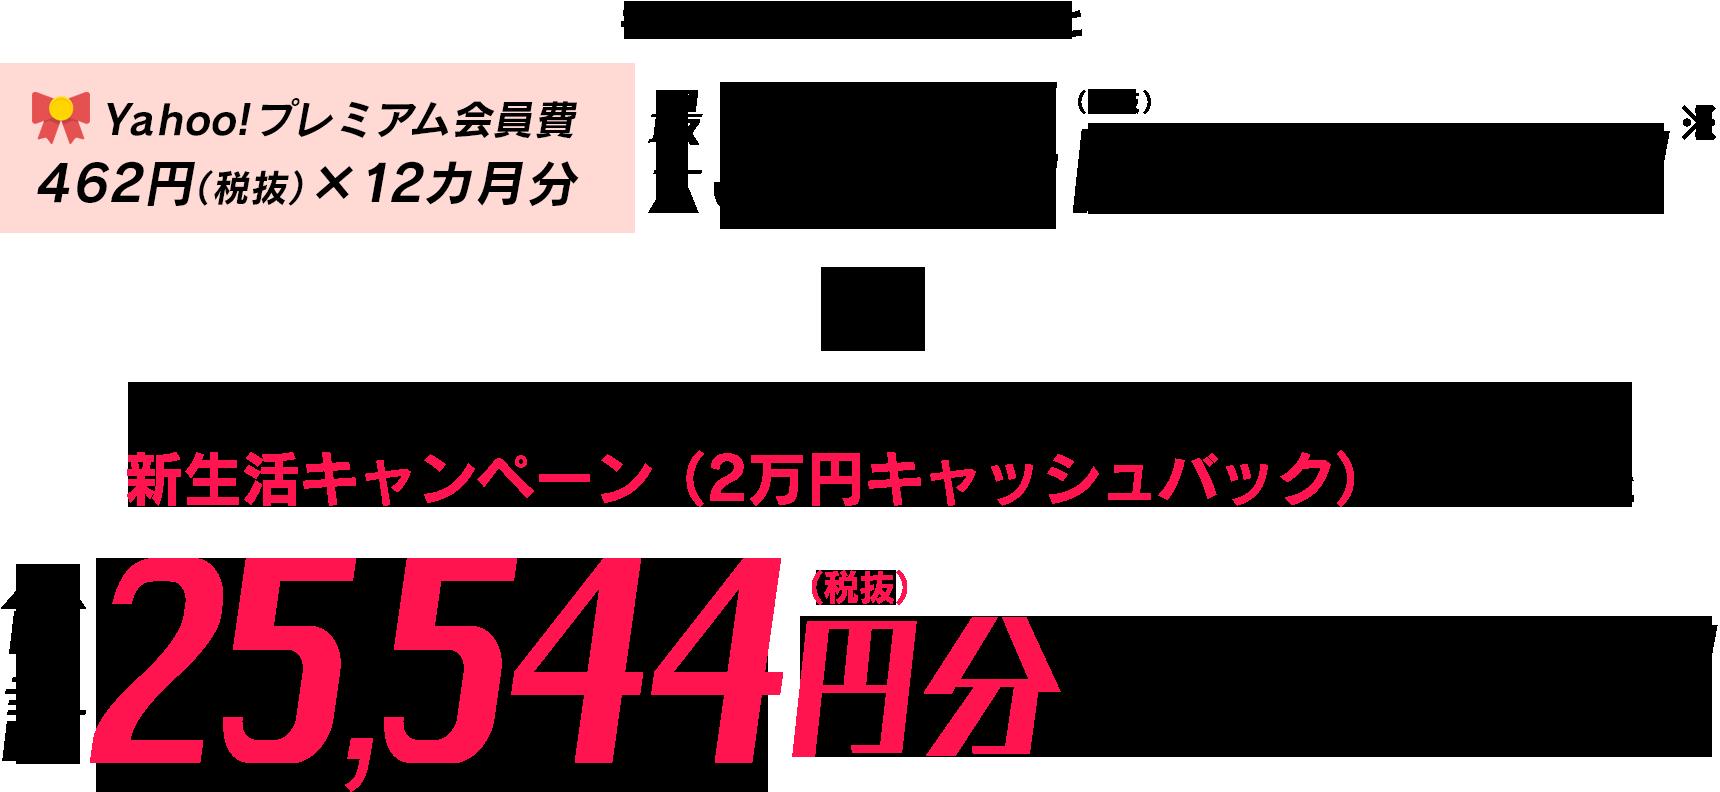 キャンペーンに参加するとYahoo!プレミアム会員費462円(税抜)×12カ月分、最大5,544円分が無料に!!※ インターネット接続サービスお申し込み時の新生活キャンペーン(2万円キャッシュバック)とあわせると合計25,544円おトクに!!